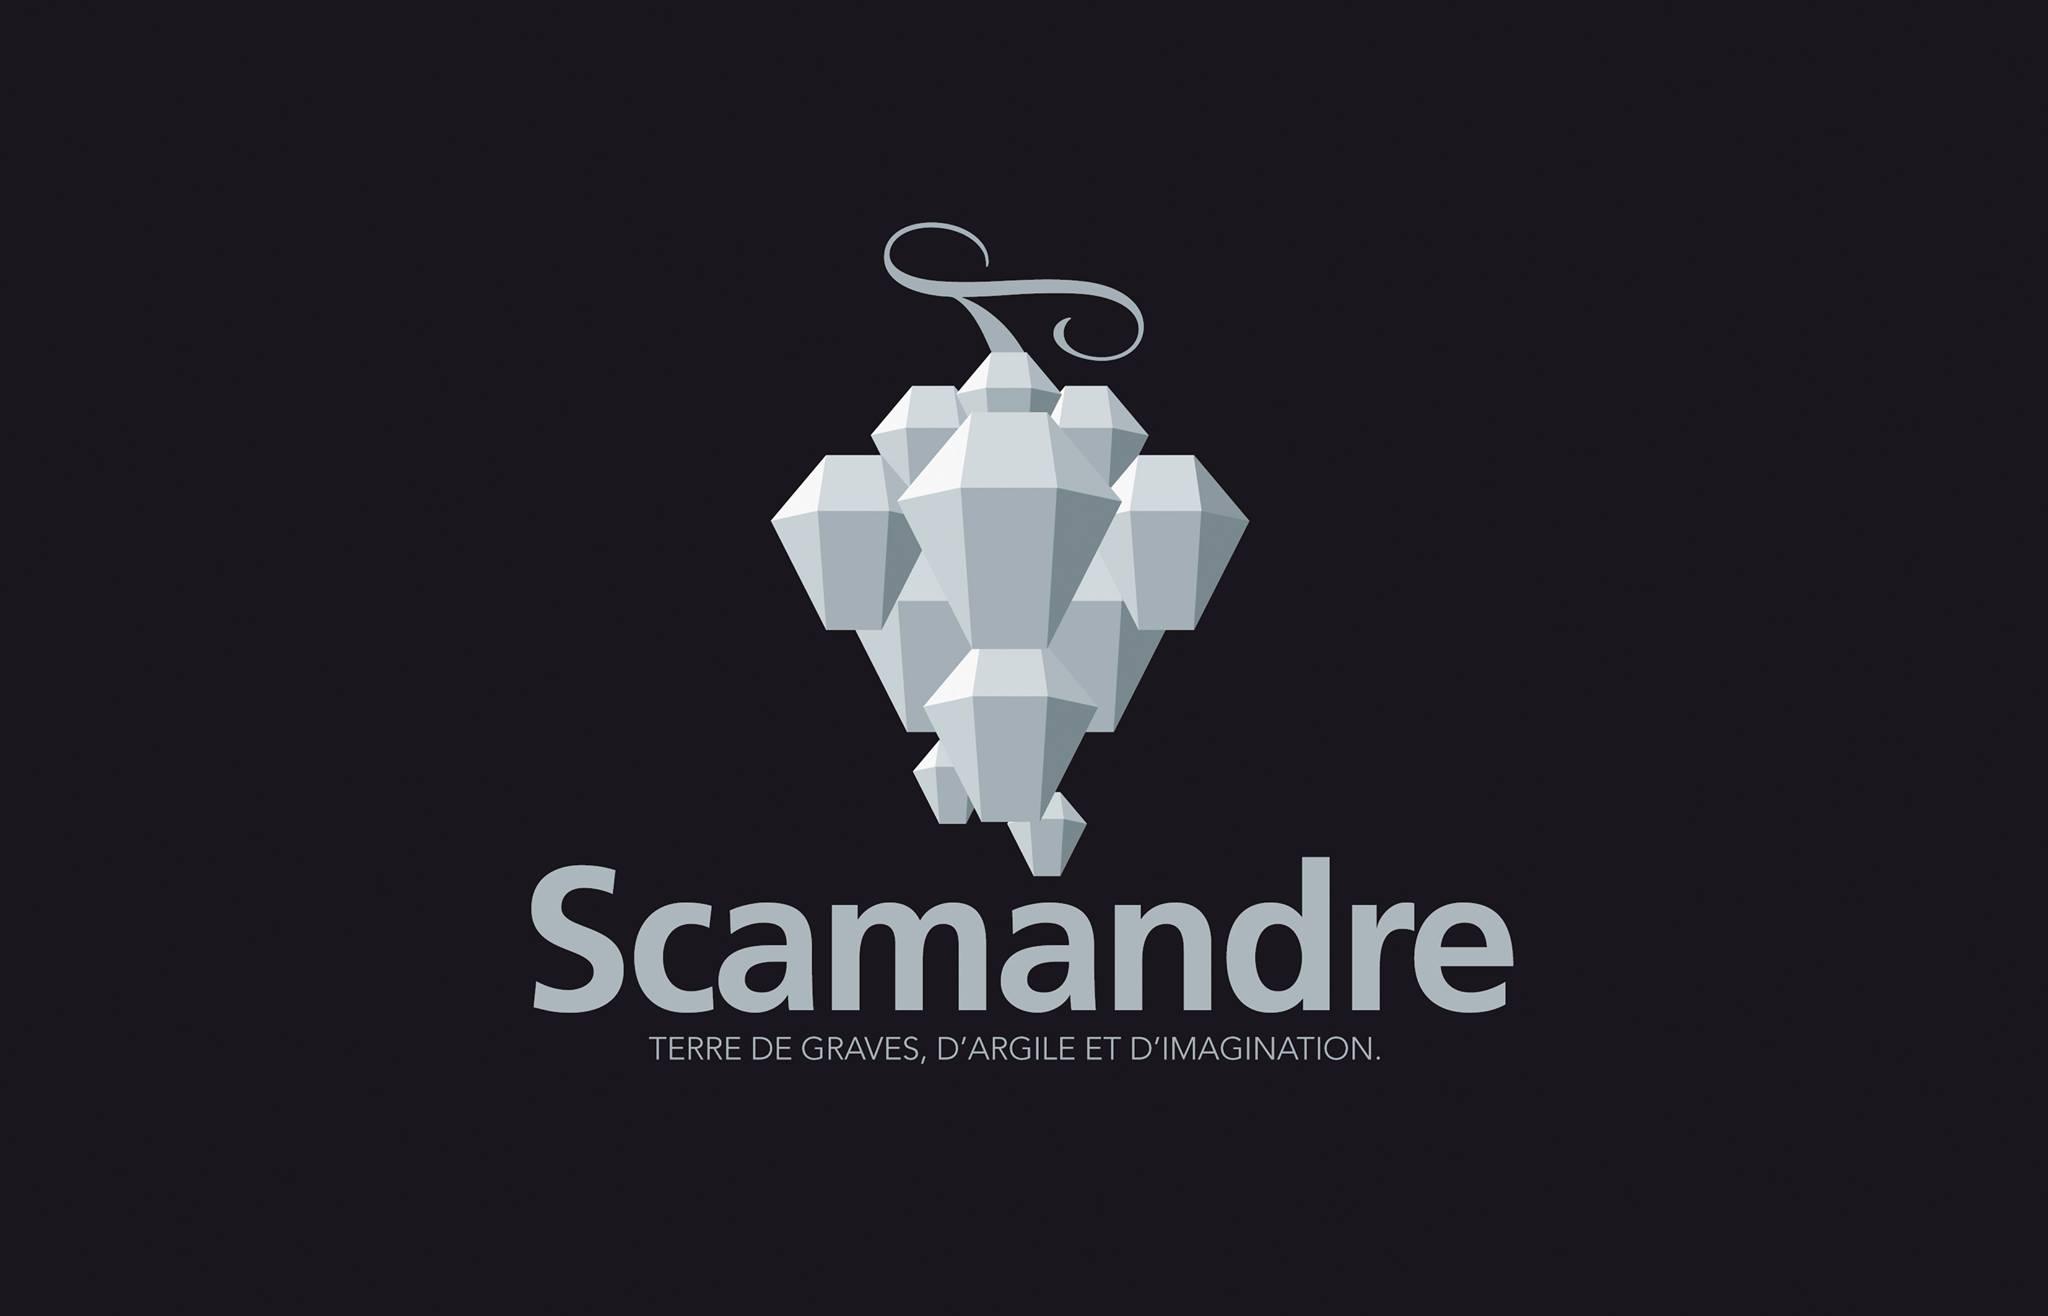 Scamandre